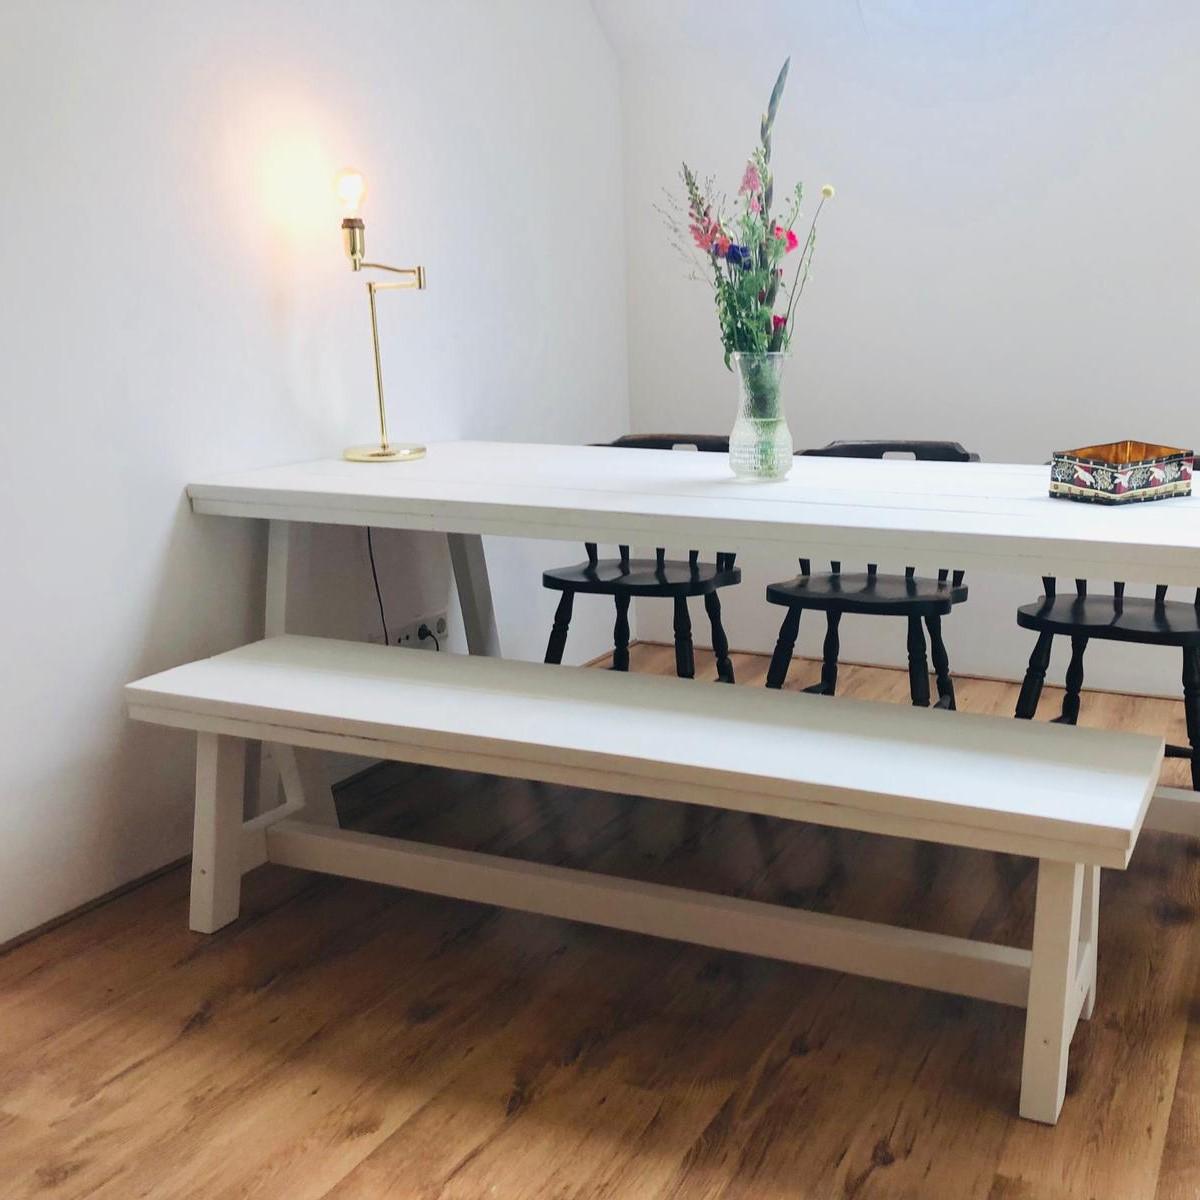 Wit Bankje Eettafel.Witte Eettafel Van Steigerhout Krijtverf Houten Tafel Wit